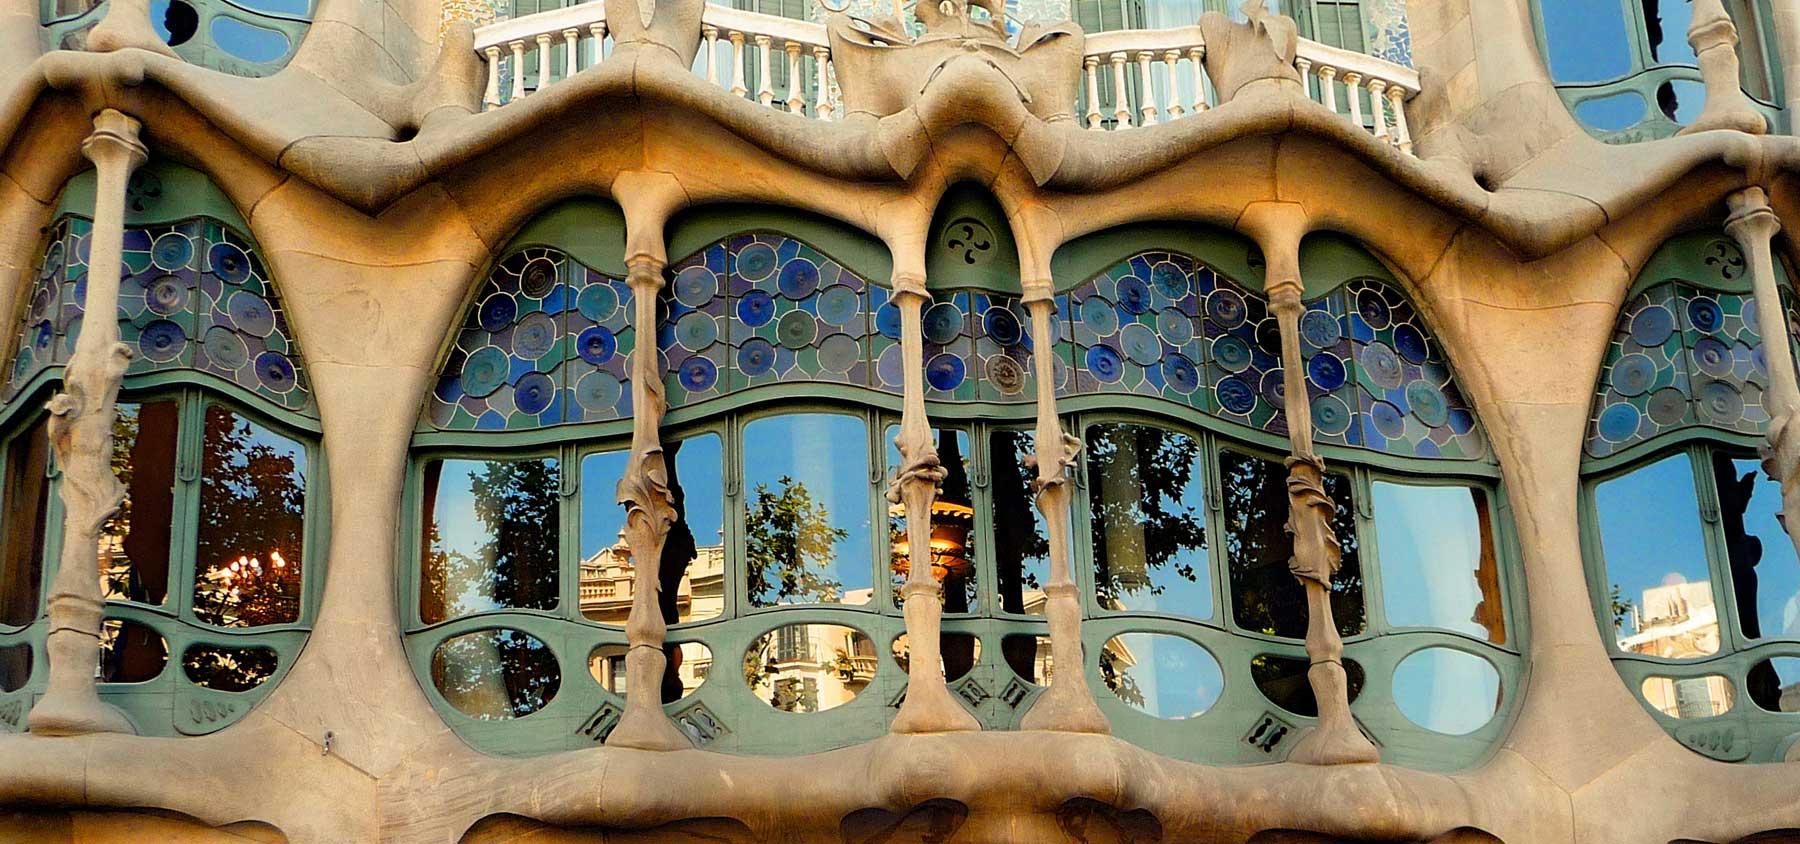 immagine per 1 - Tour città di Spagna: Triangolo d'oro (da Barcellona)